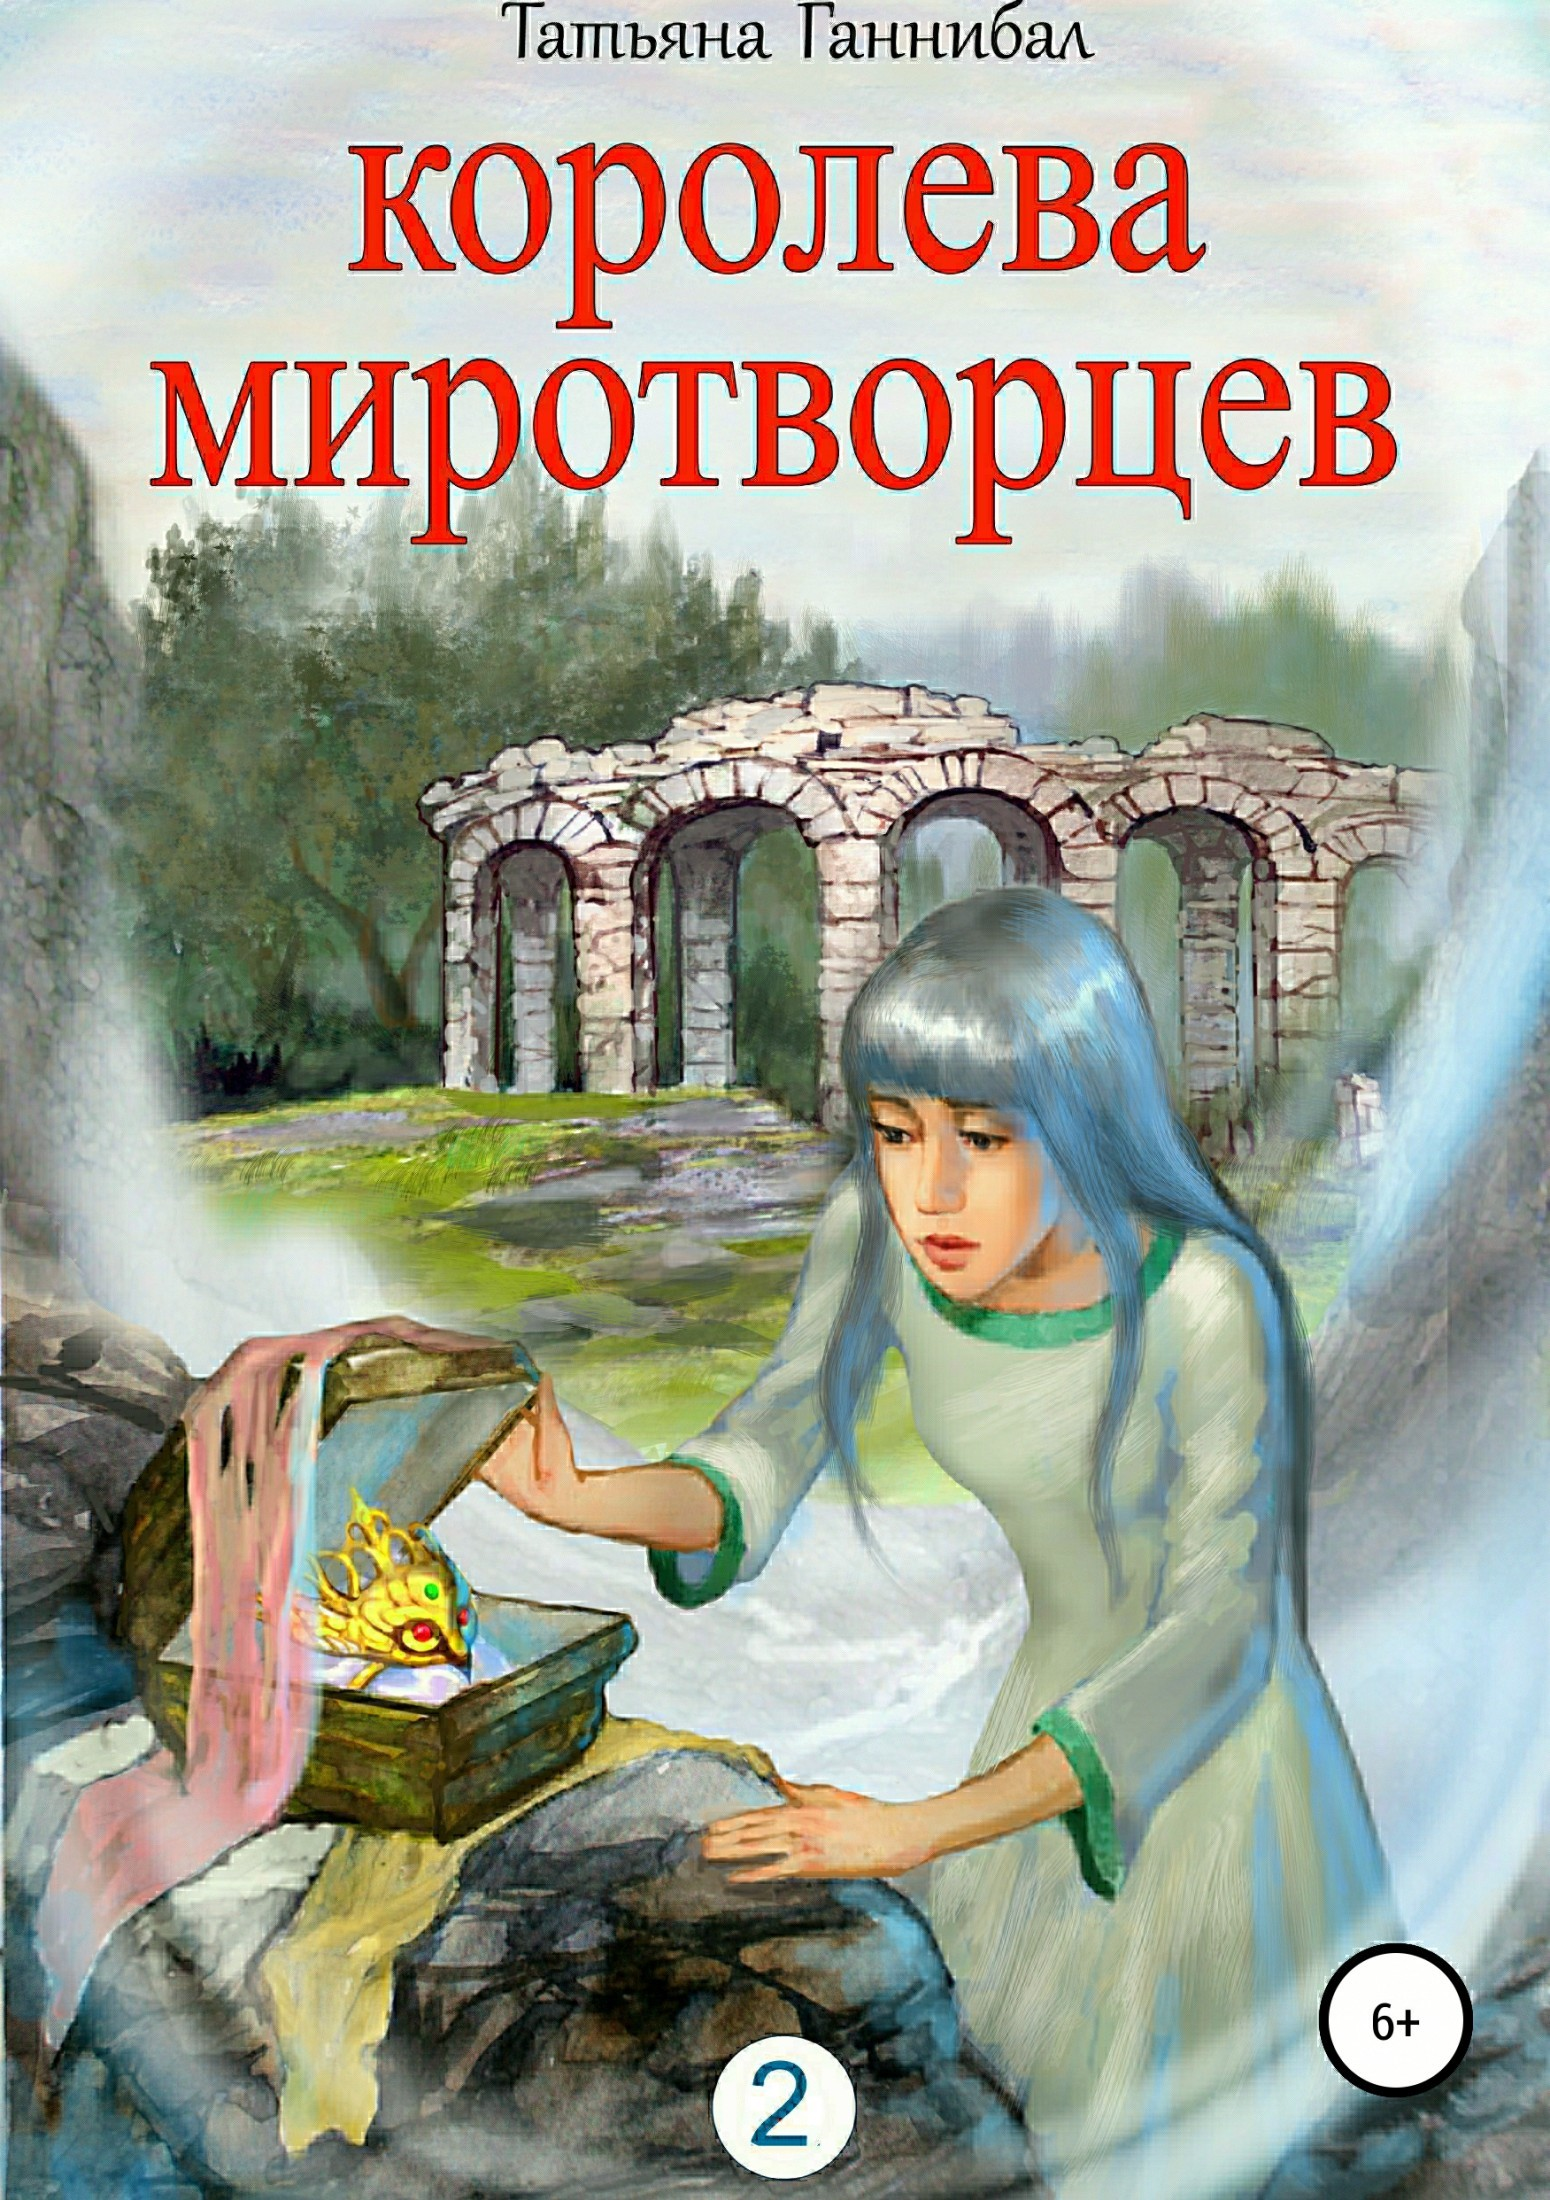 Татьяна Юрьевна Ганнибал Королева миротворцев. Книга вторая королева н отец книга вторая